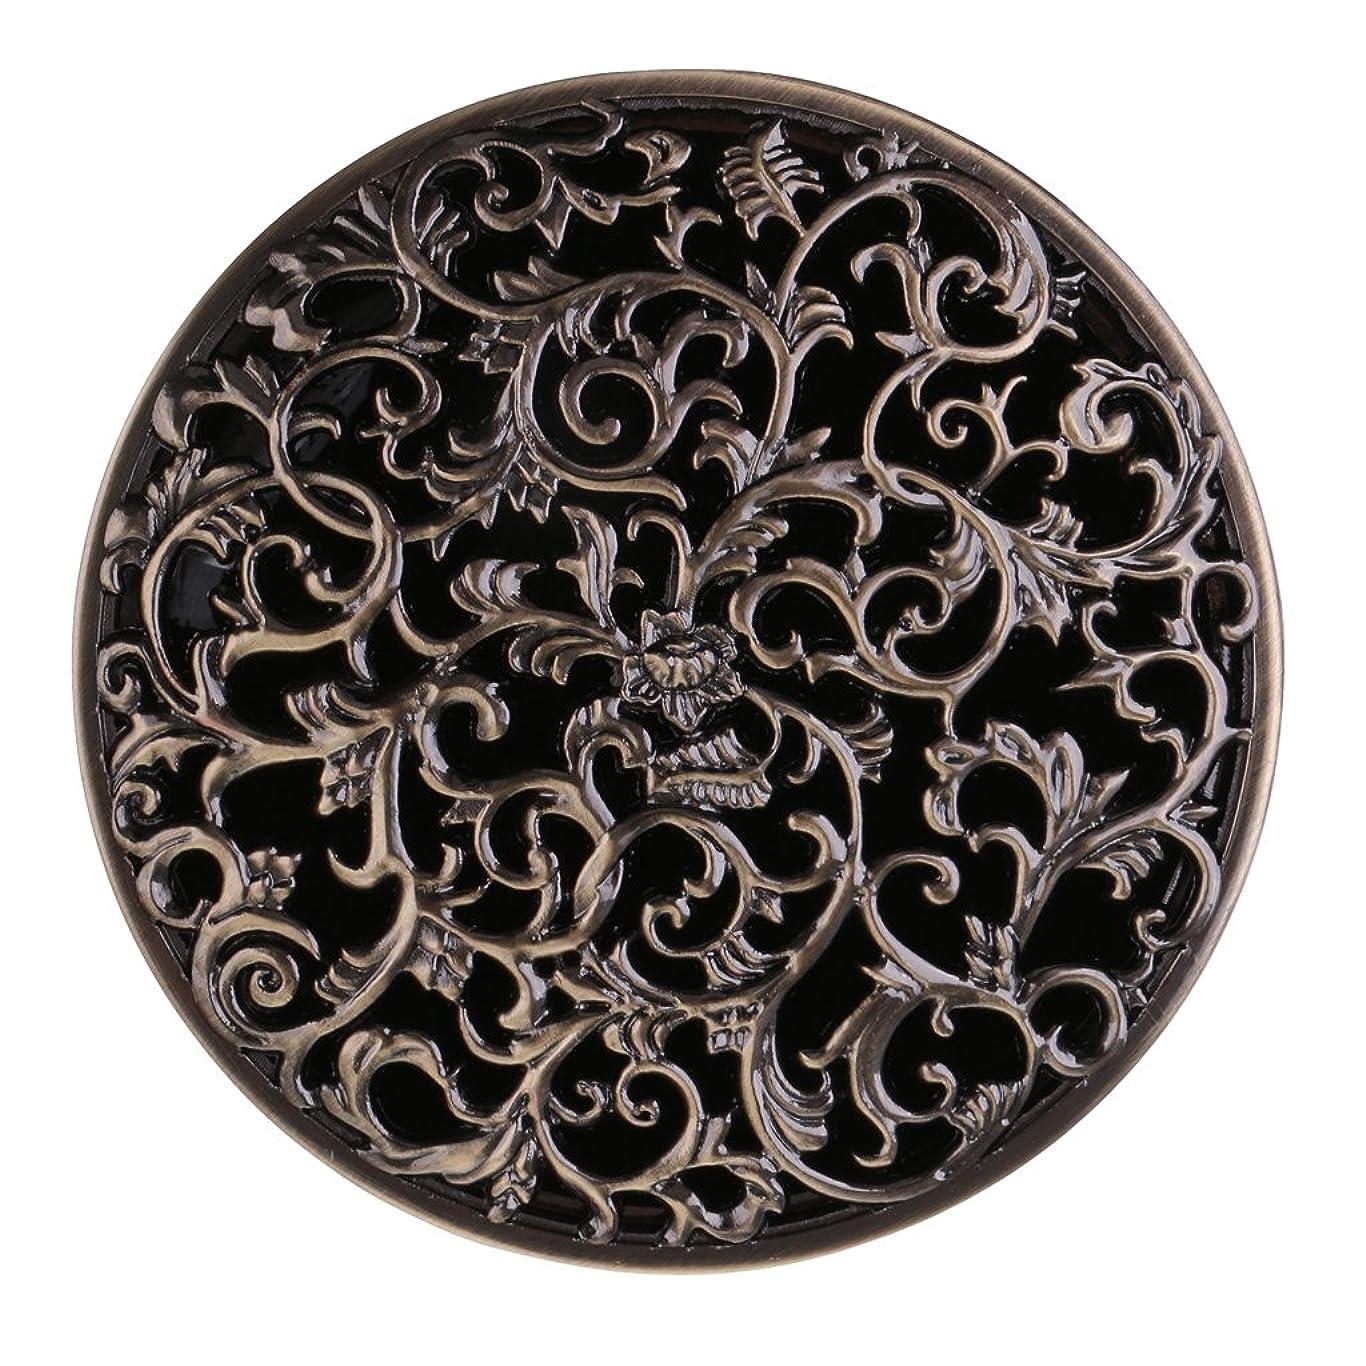 無条件自己尊重デジタルBaoblaze チベット 合金 香炉 コーンホルダー 仏教 香りバーナー ボックス 家 装飾 全3色   - ブロンズ